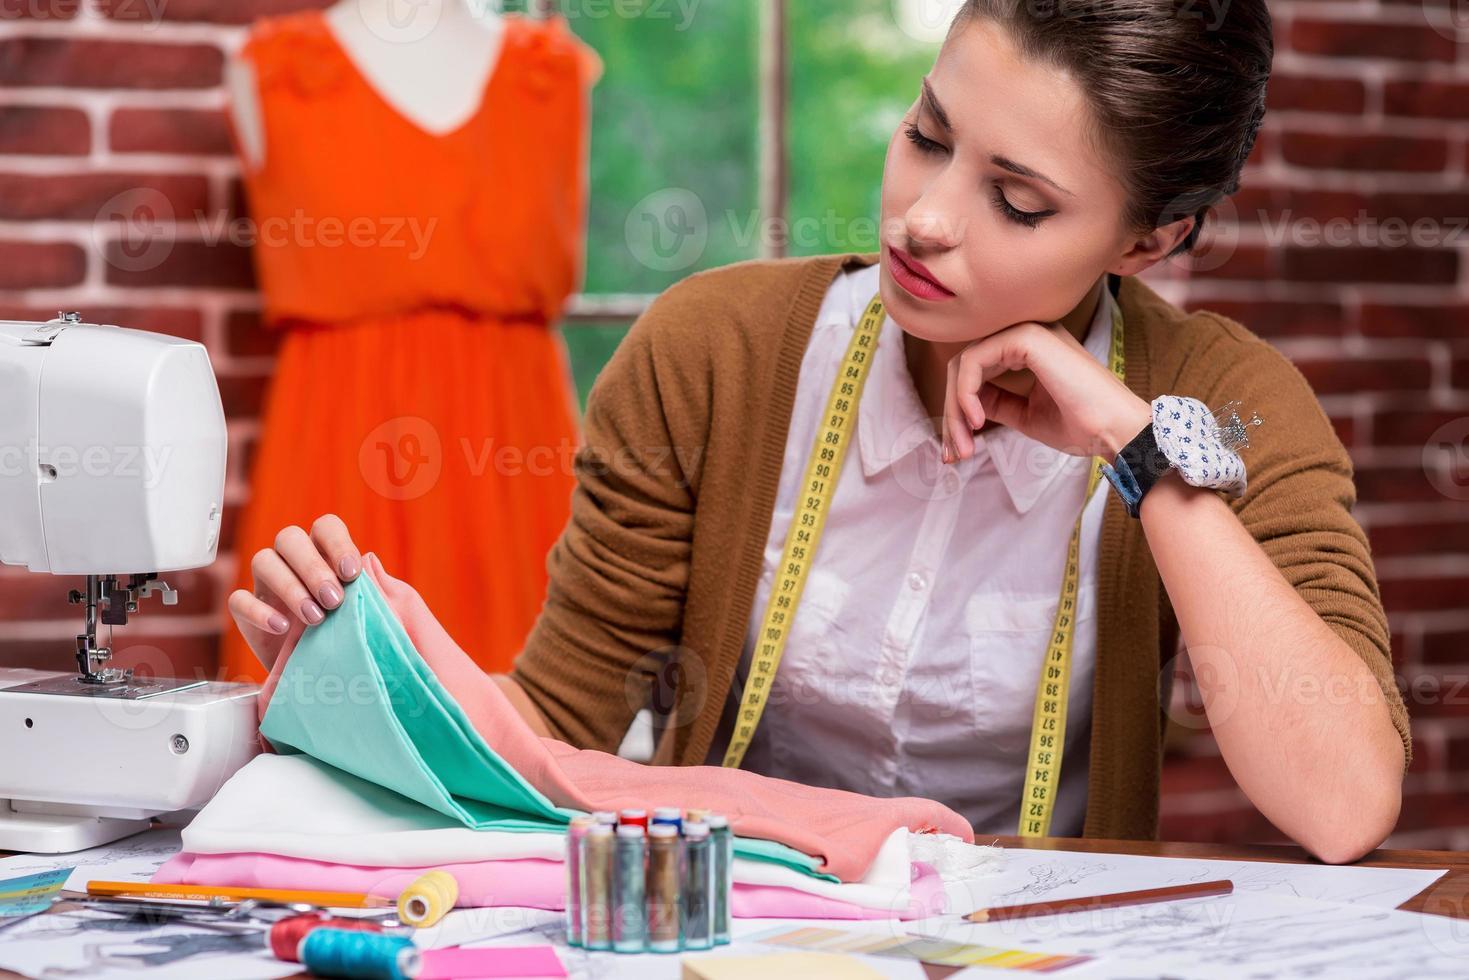 examinando têxteis antes de costurar. foto